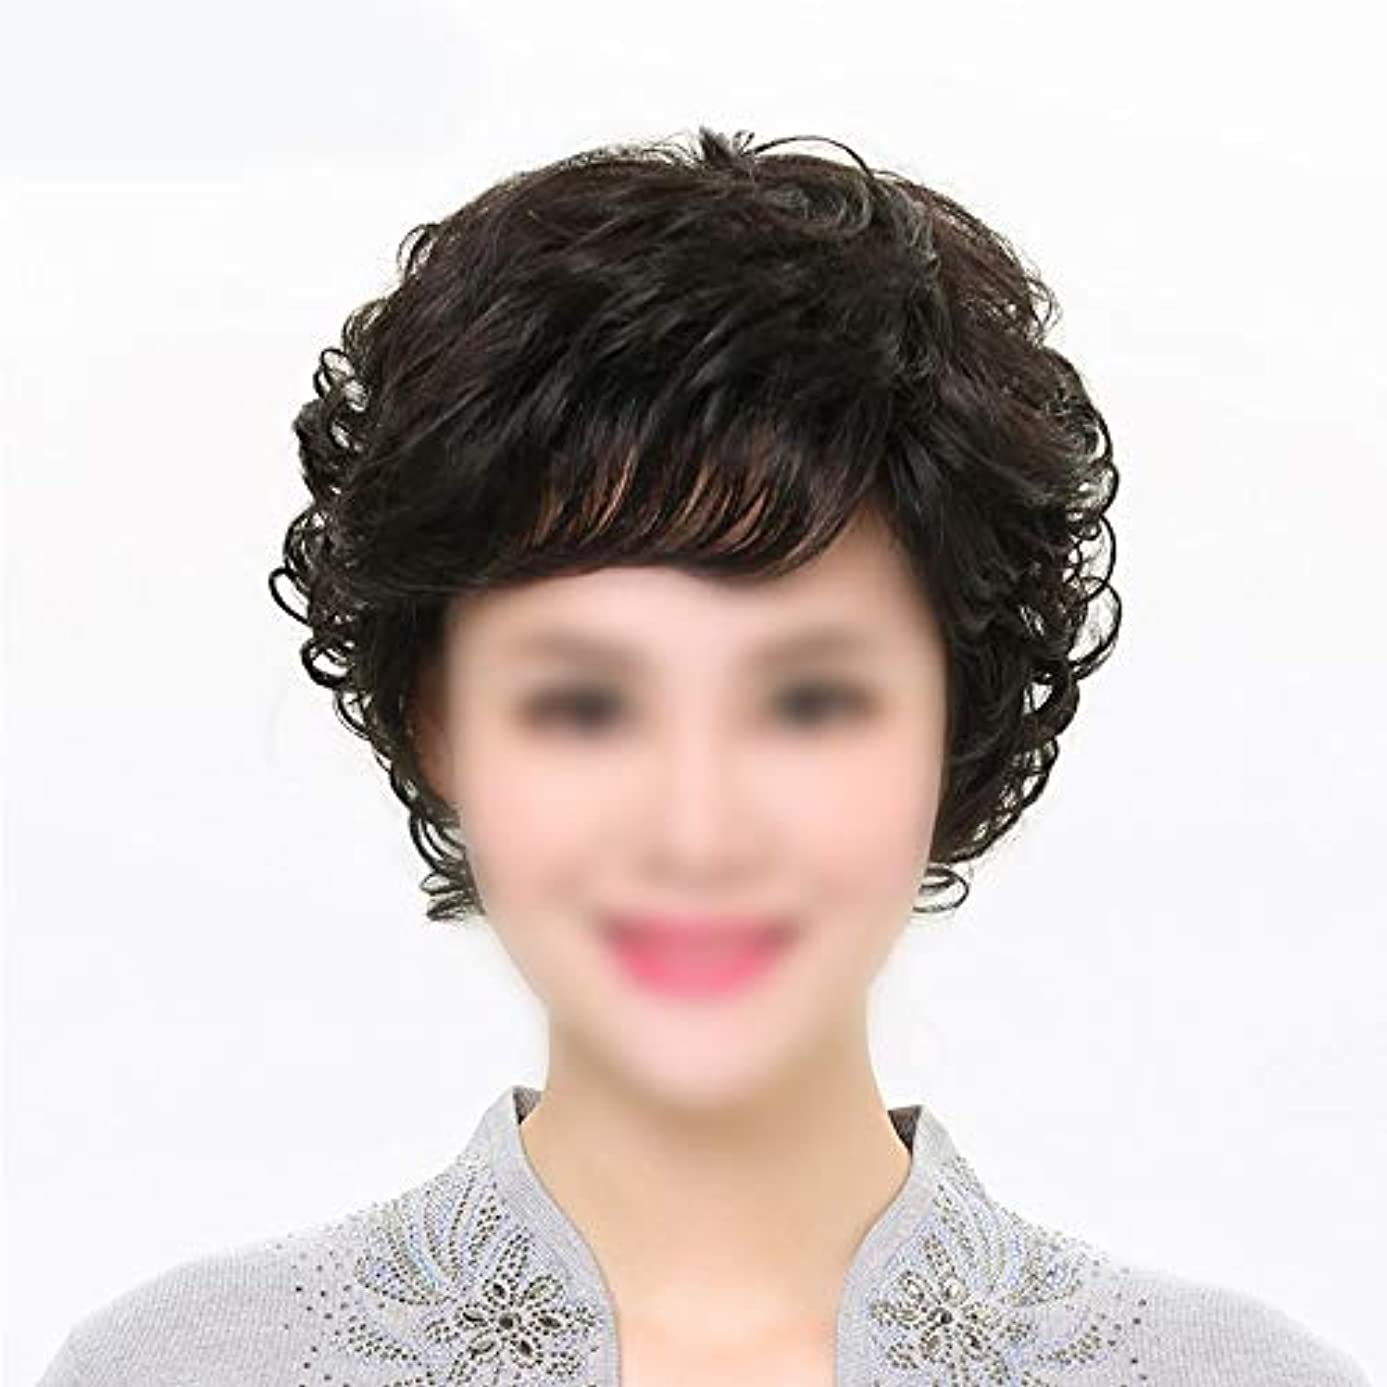 蒸発評価可能地下室YOUQIU 母ヘアウィッグ中年ウィッグウィッグのために前髪を持つ女性の本当の髪のショートカーリーヘア (色 : 黒, Edition : Mechanism)